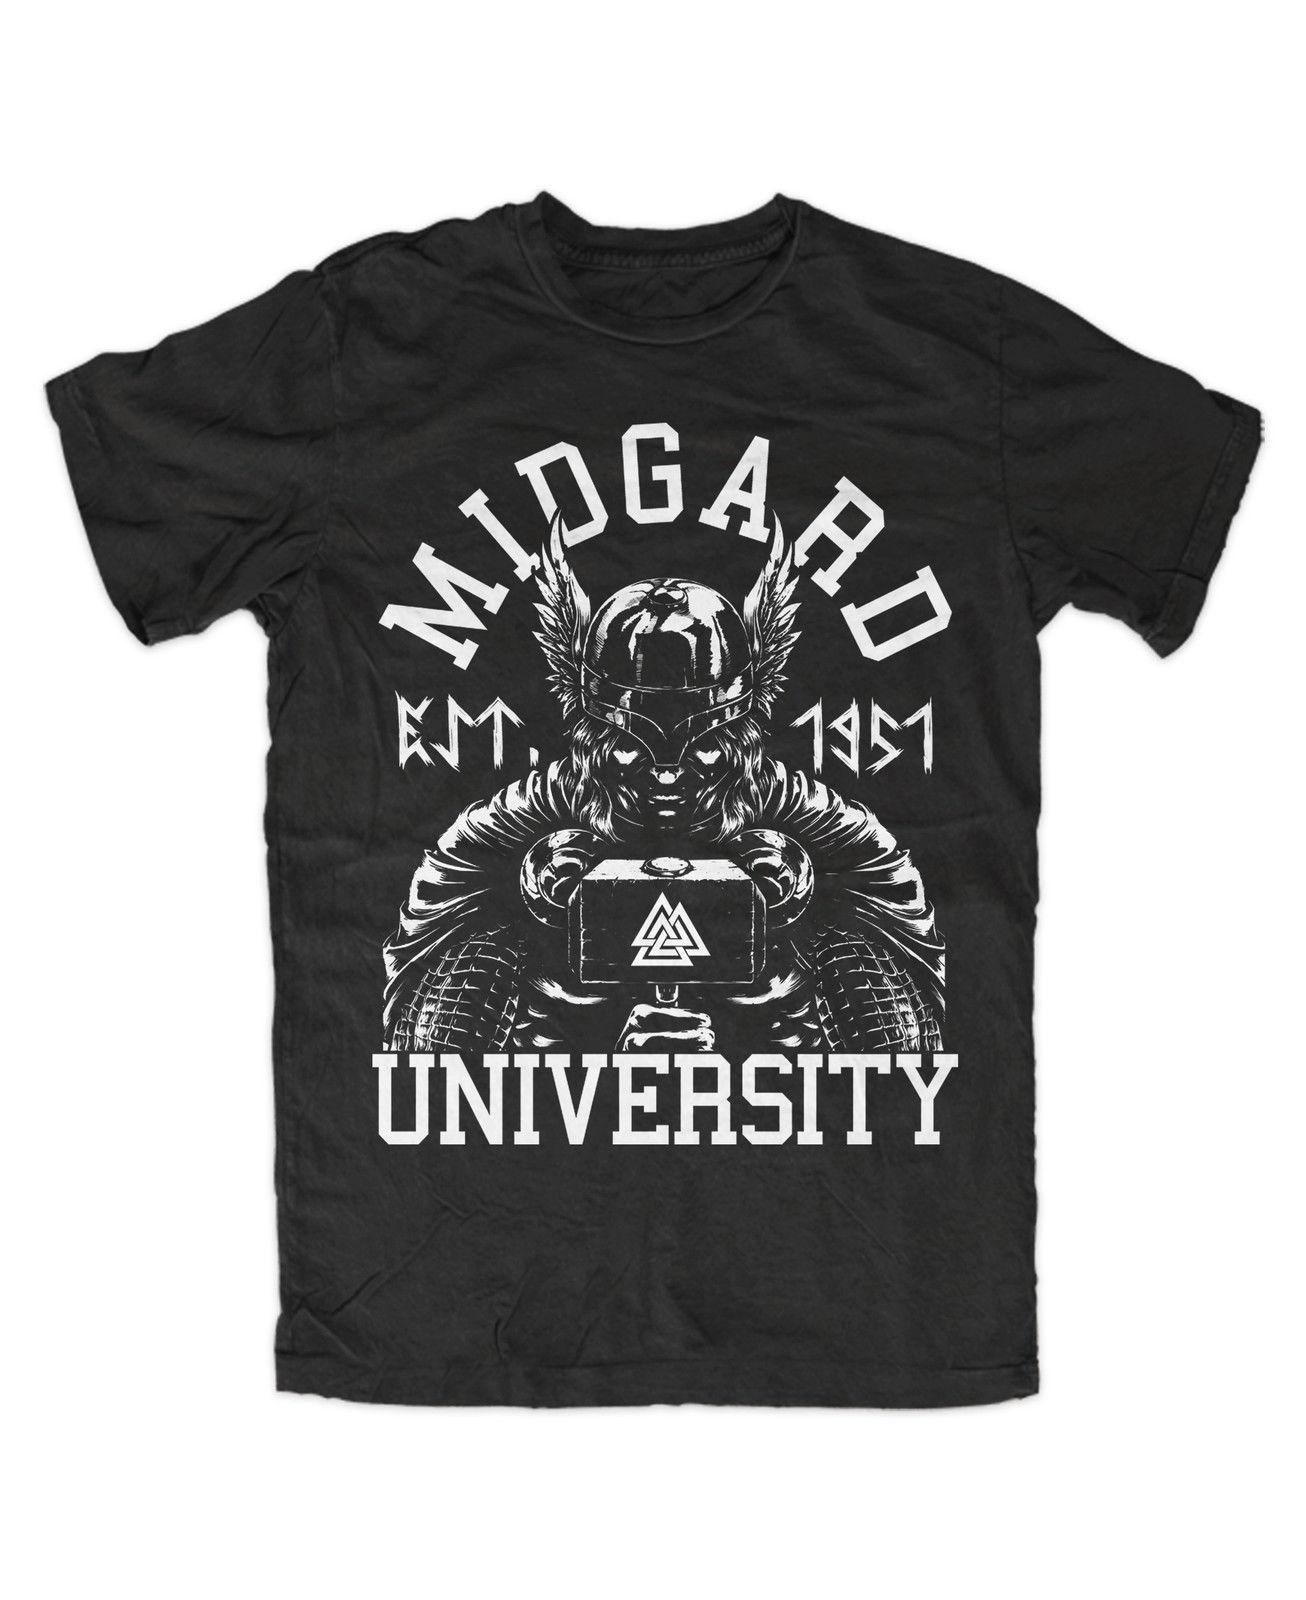 Midgard Universität T-Shirt Schwarz Odin, Thor, Mjolnir, Loki, Runen, Wikinger T Shirt Lustiges T-shirt männer T Shirt Kurzarm Tops